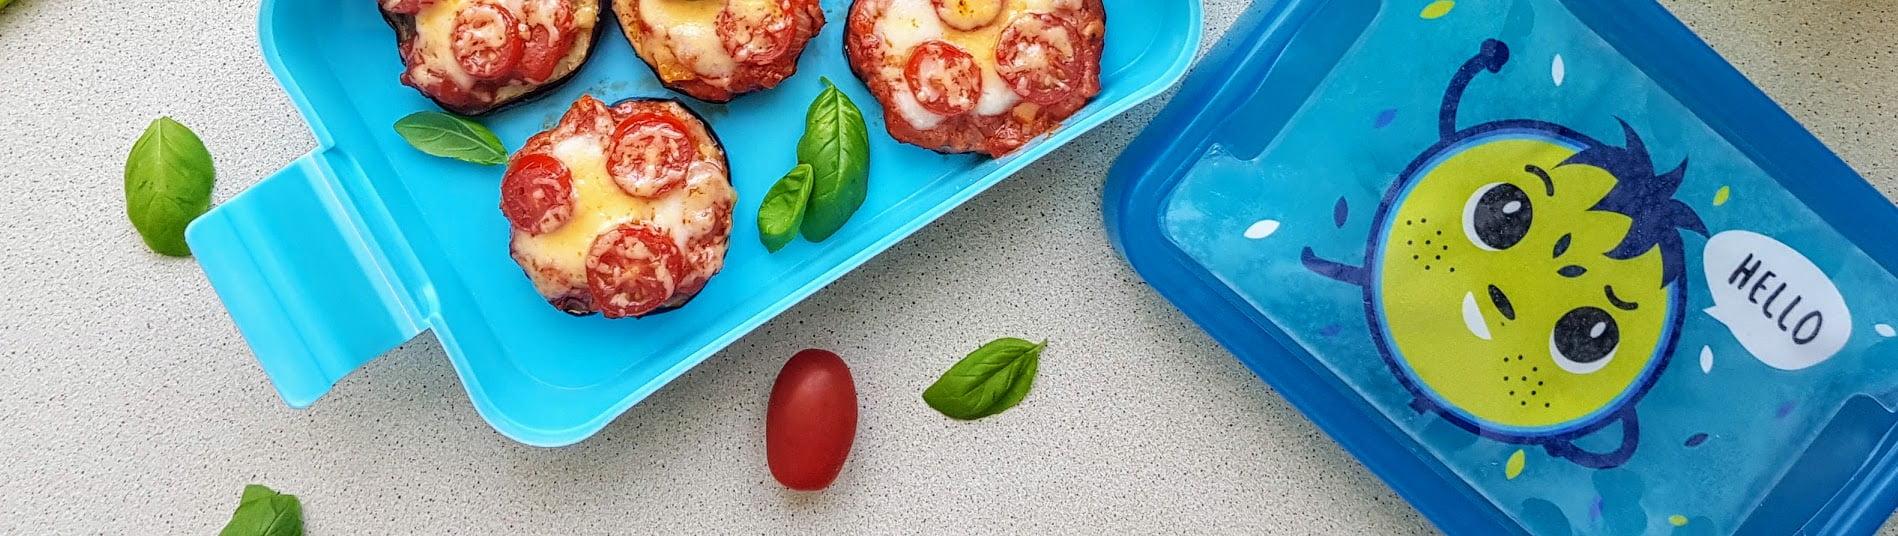 dzien pizzy alternatywy dla pizzy